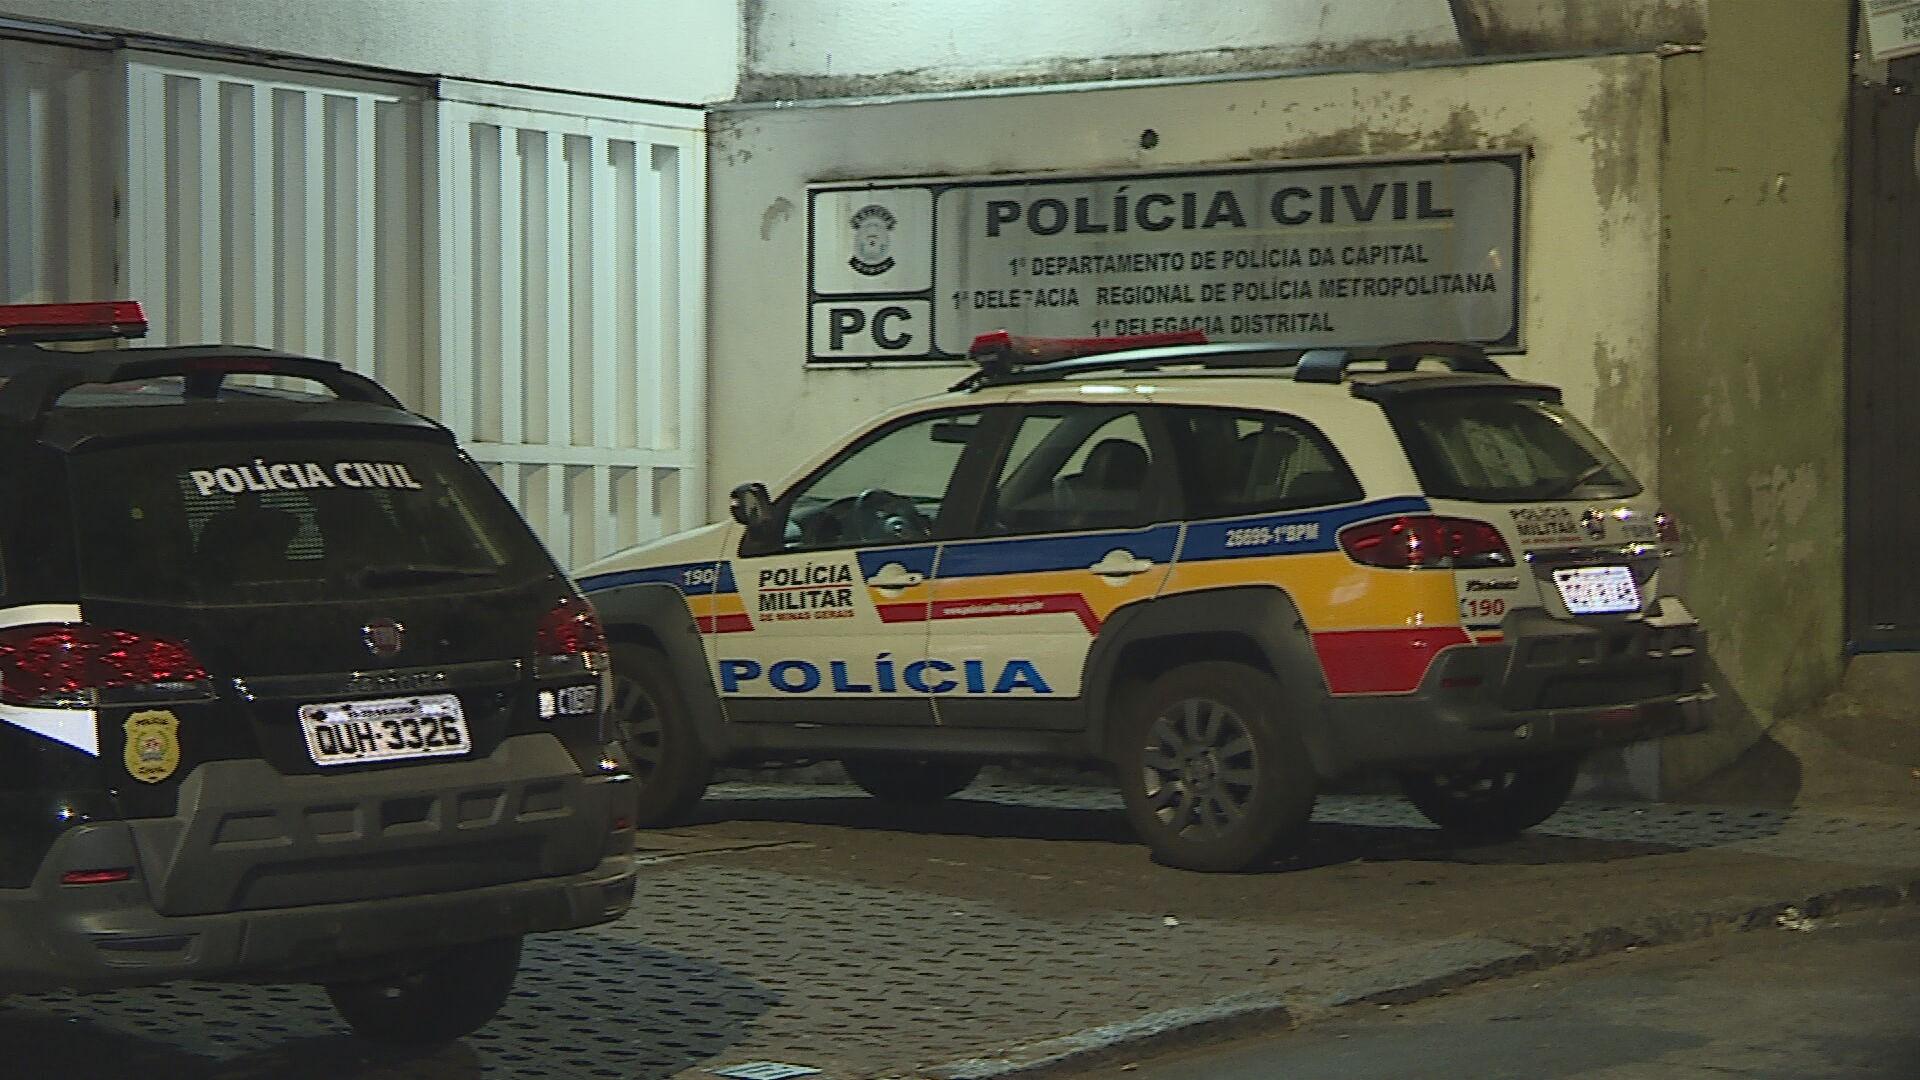 Polícia prende casal suspeito de atacar mulher a facadas no centro de Belo Horizonte